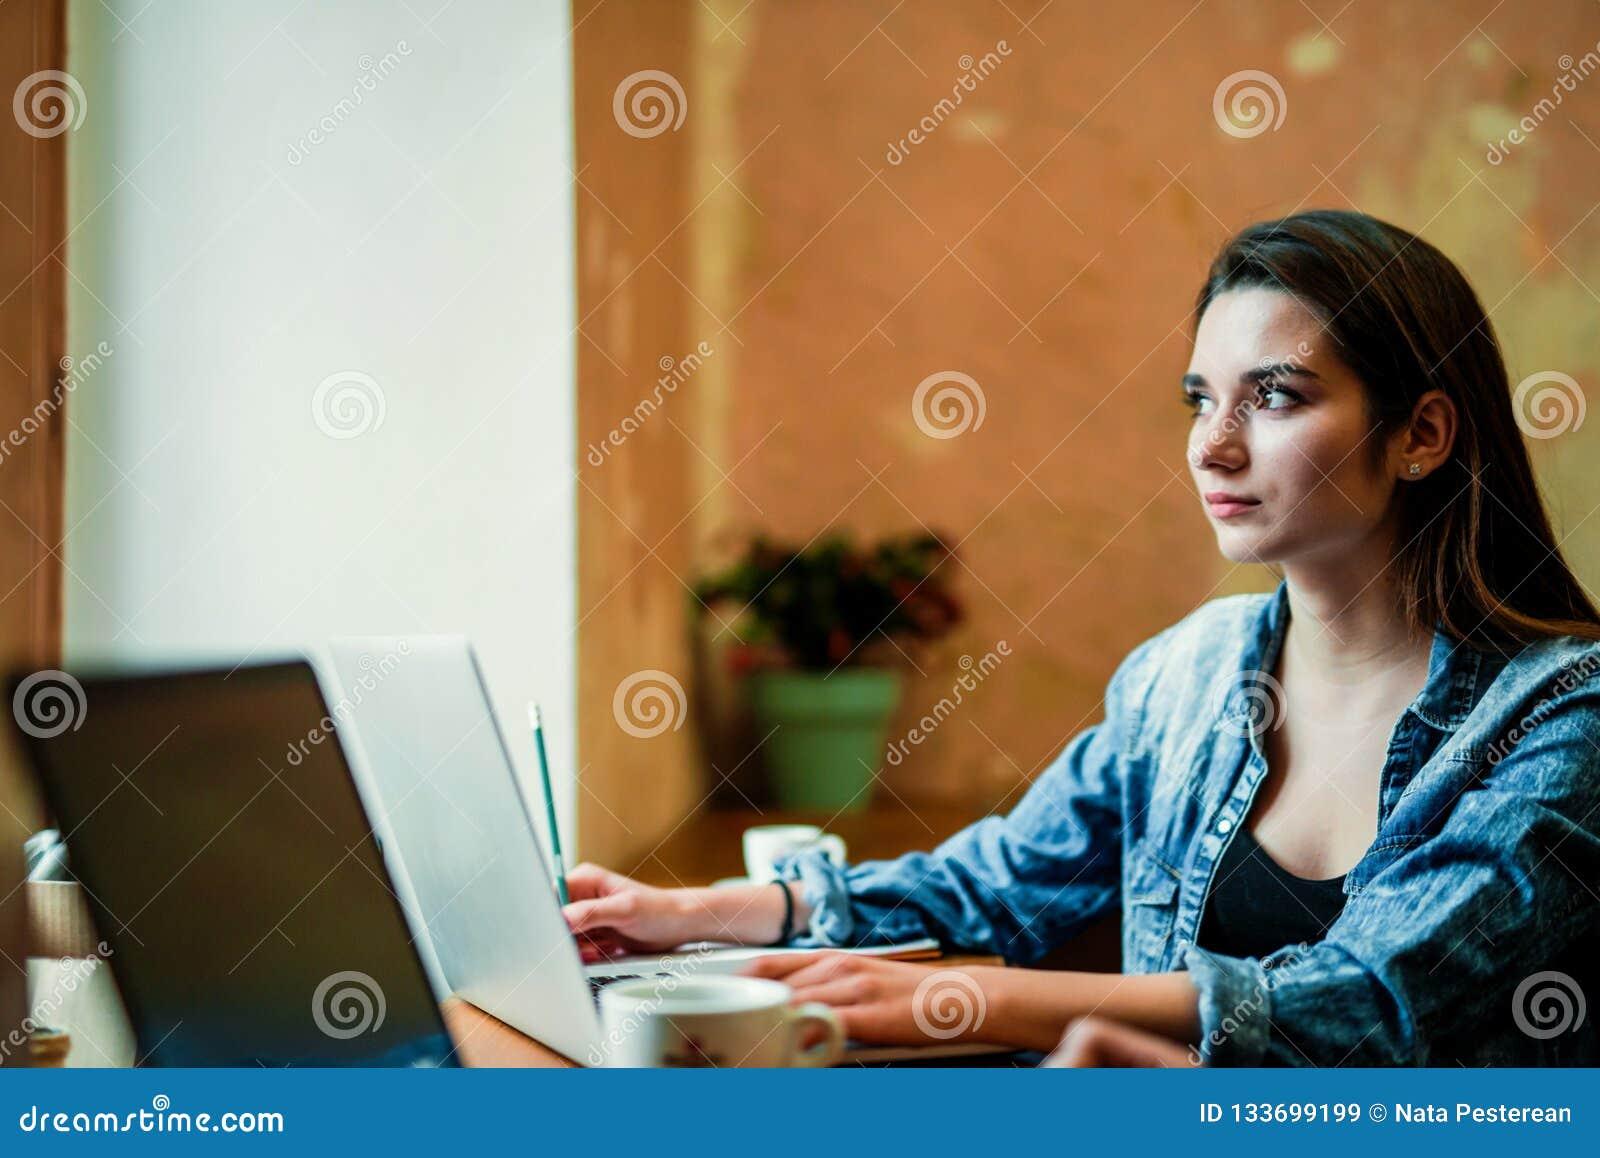 Den unga kvinnliga studenten sitter nära fönstret med bärbara datorn och blick till och med fönstret